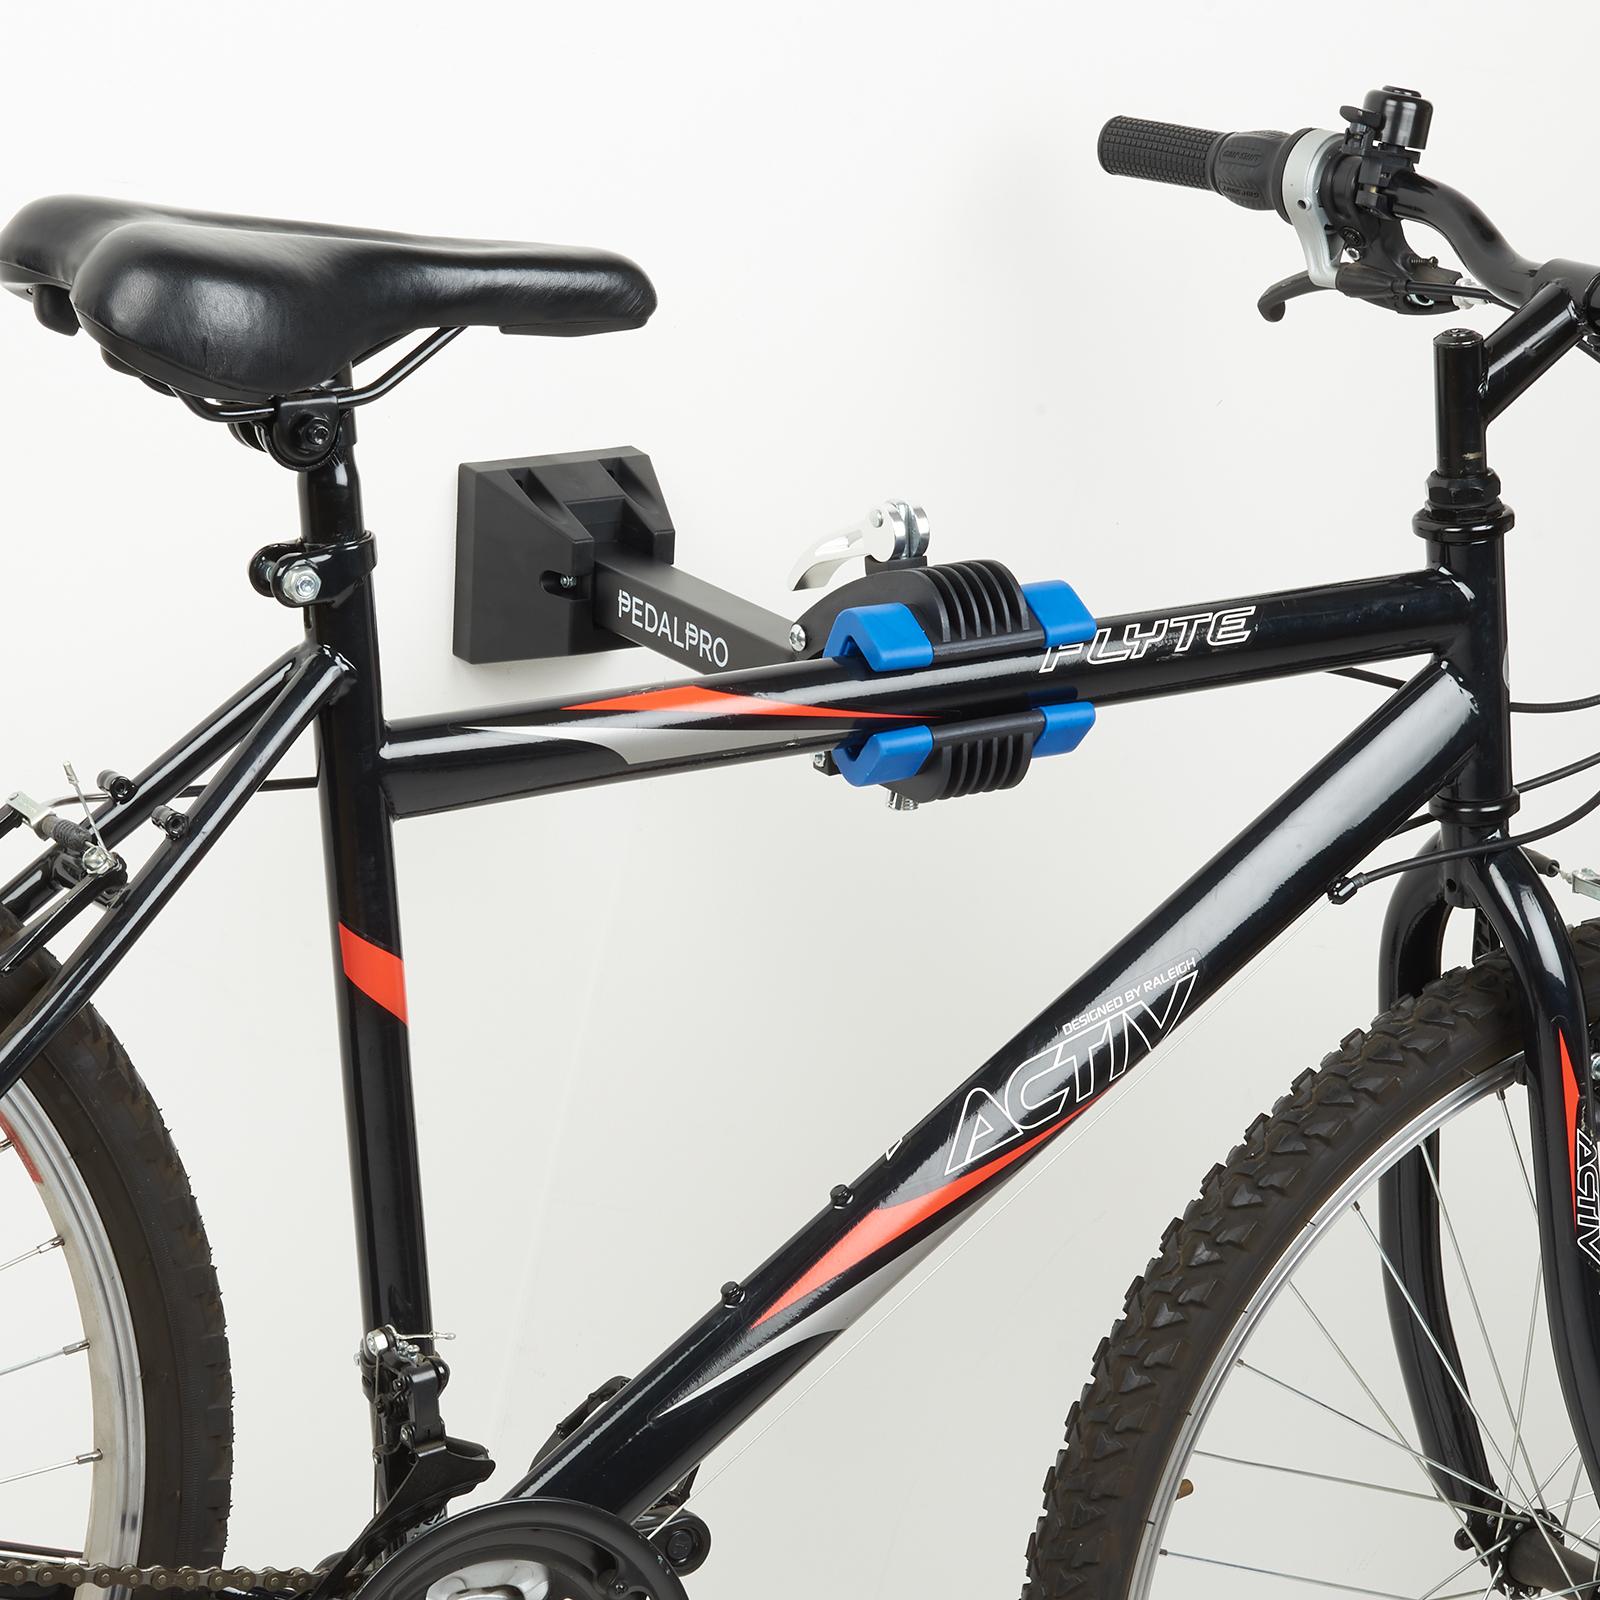 Fixation Pour Velo Garage détails sur pedalpro support entretien atelier de vélo a montage murale  porte-vélos outils